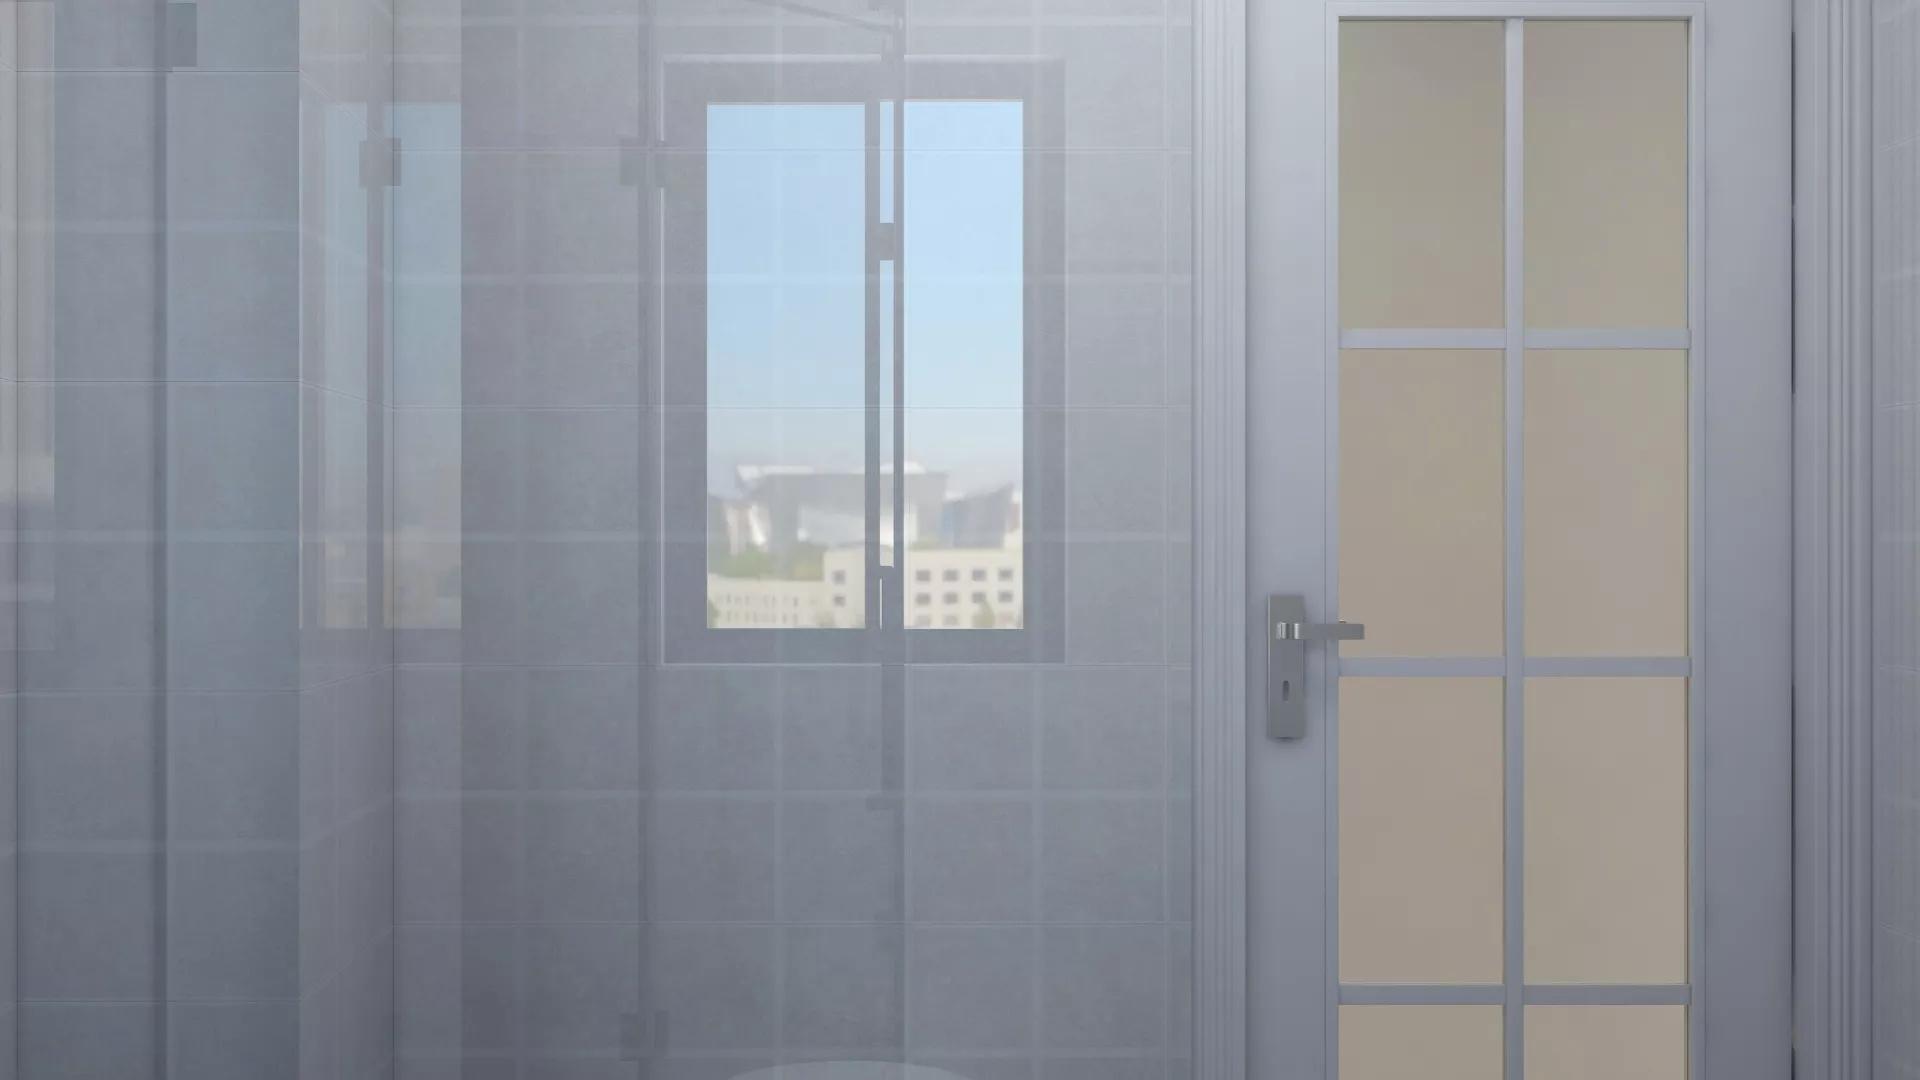 白天投影儀要多少流明 家用投影儀的亮度多少合適?